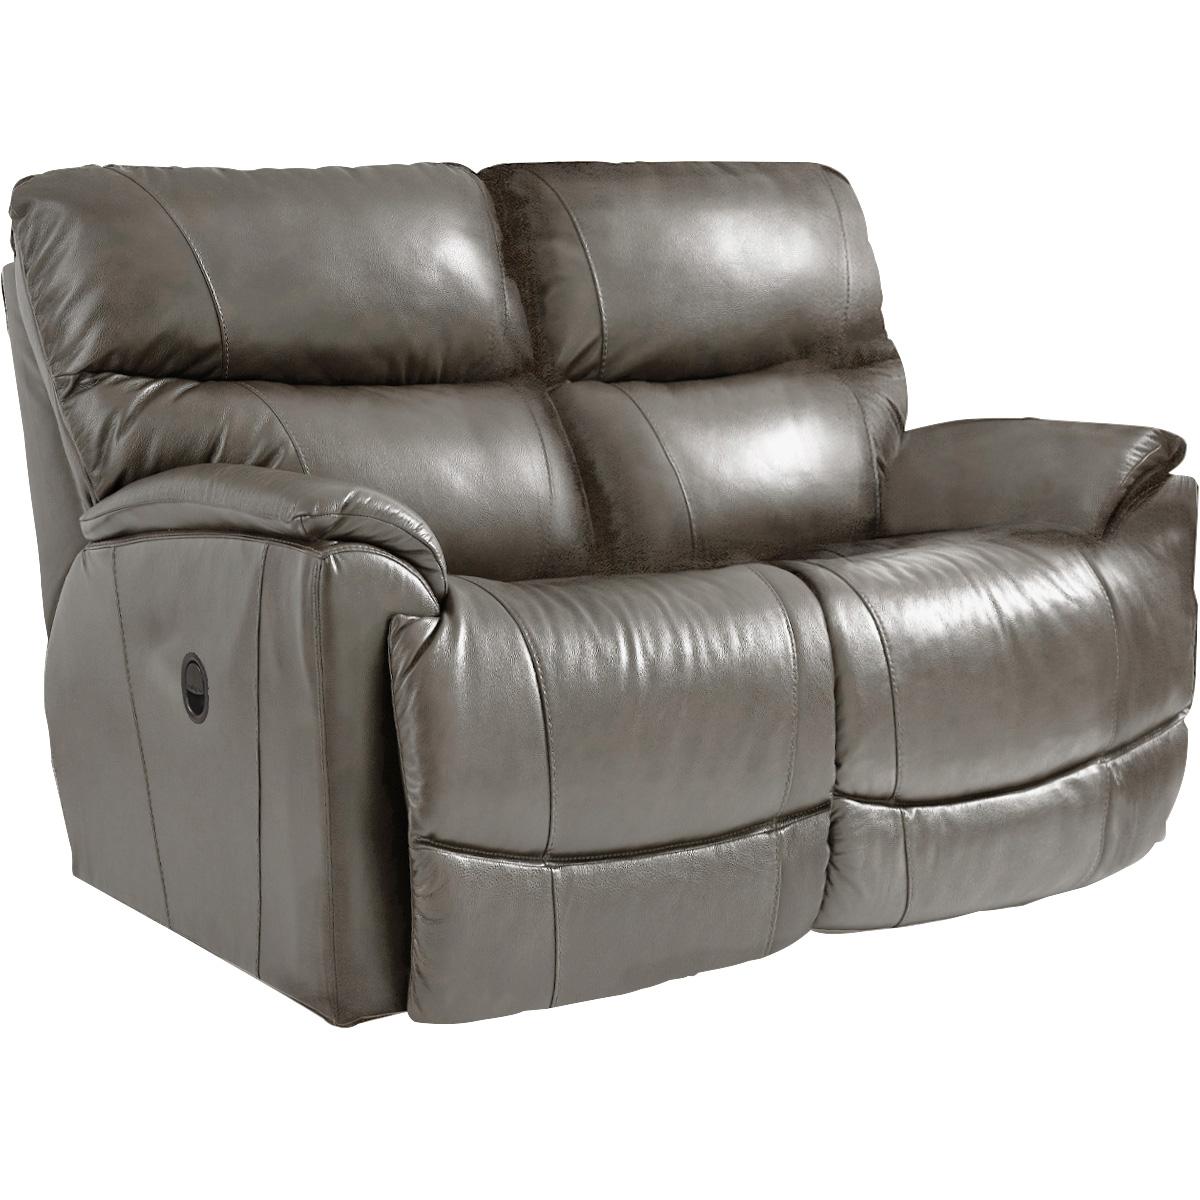 La-Z-Boy | Trouper Gray Leather Reclining Loveseat Sofa